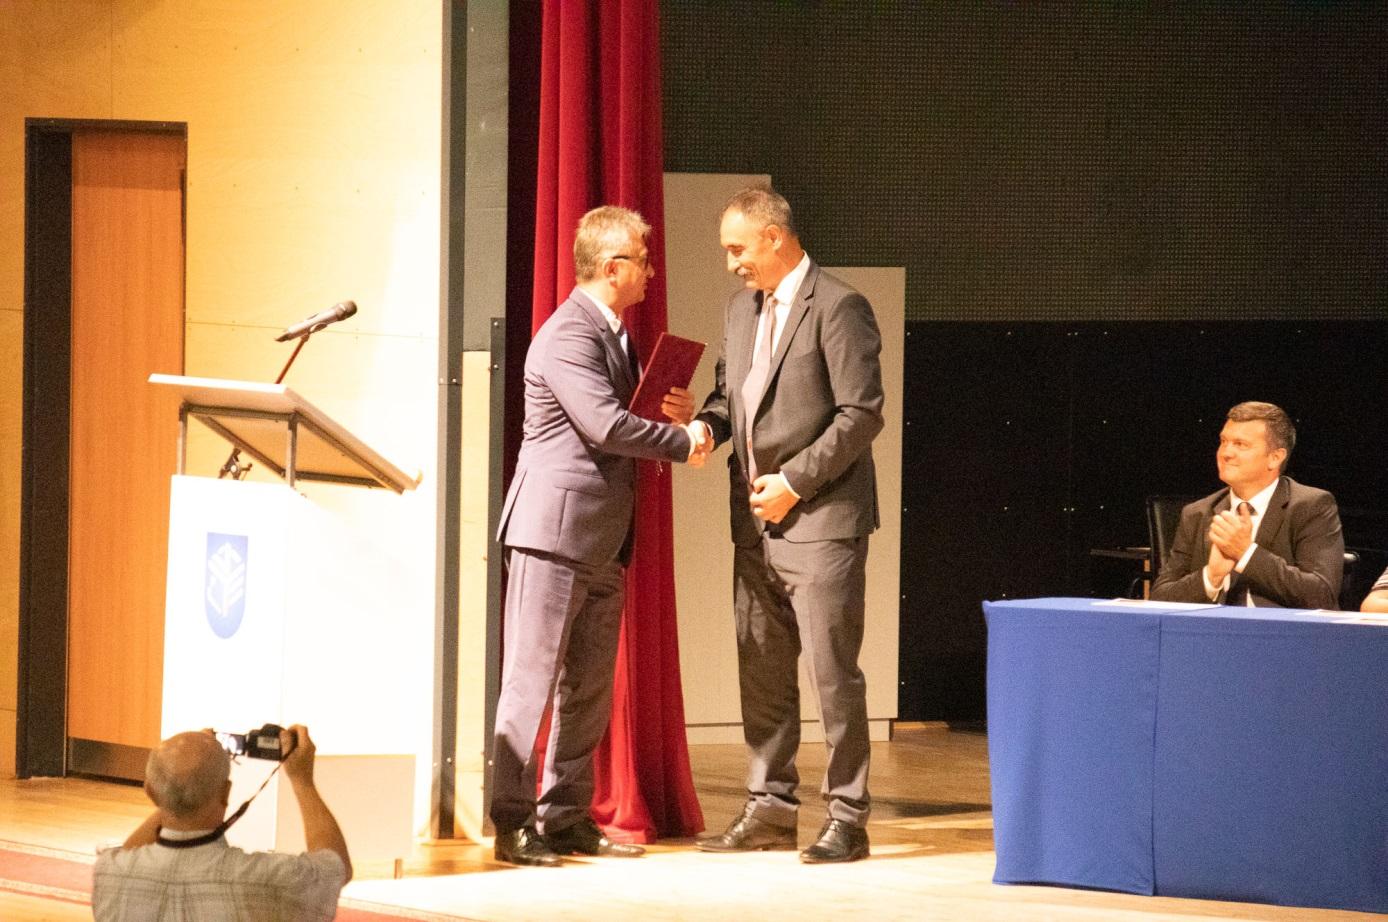 Dr. Vinnai Győző országgyűlési képviselő miniszteri elismerő oklevelet nyújt át Dr. Komáromi István igazgatónak, az iskola képviselőjének